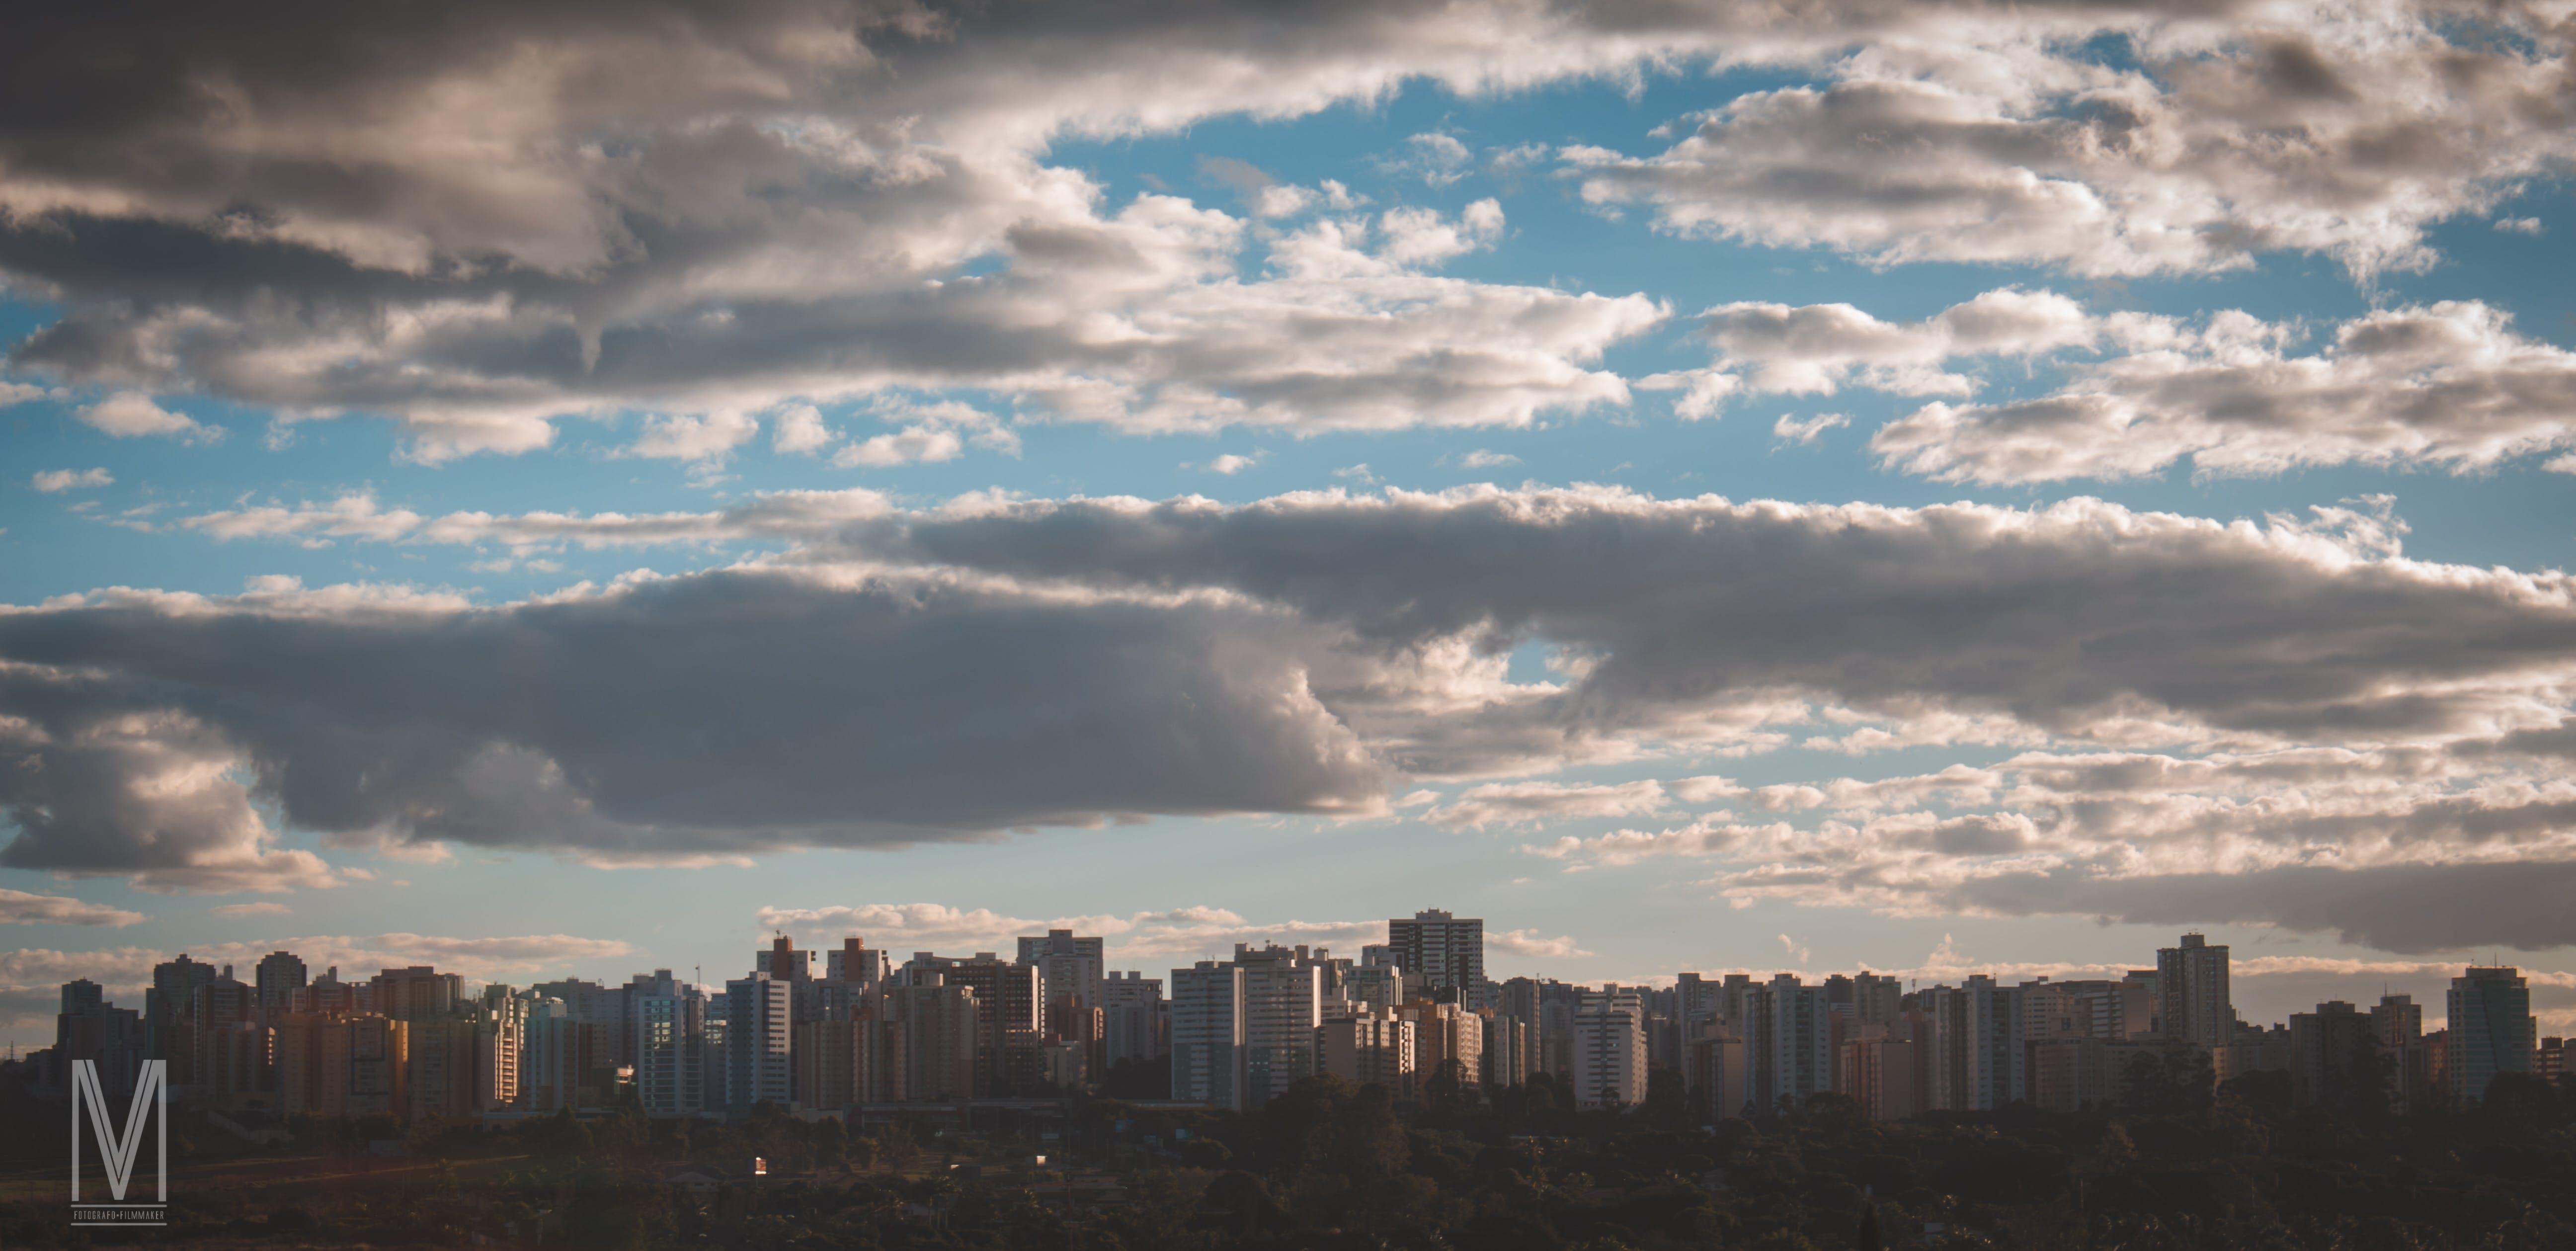 beboelsesejendomme, overskyet himmel